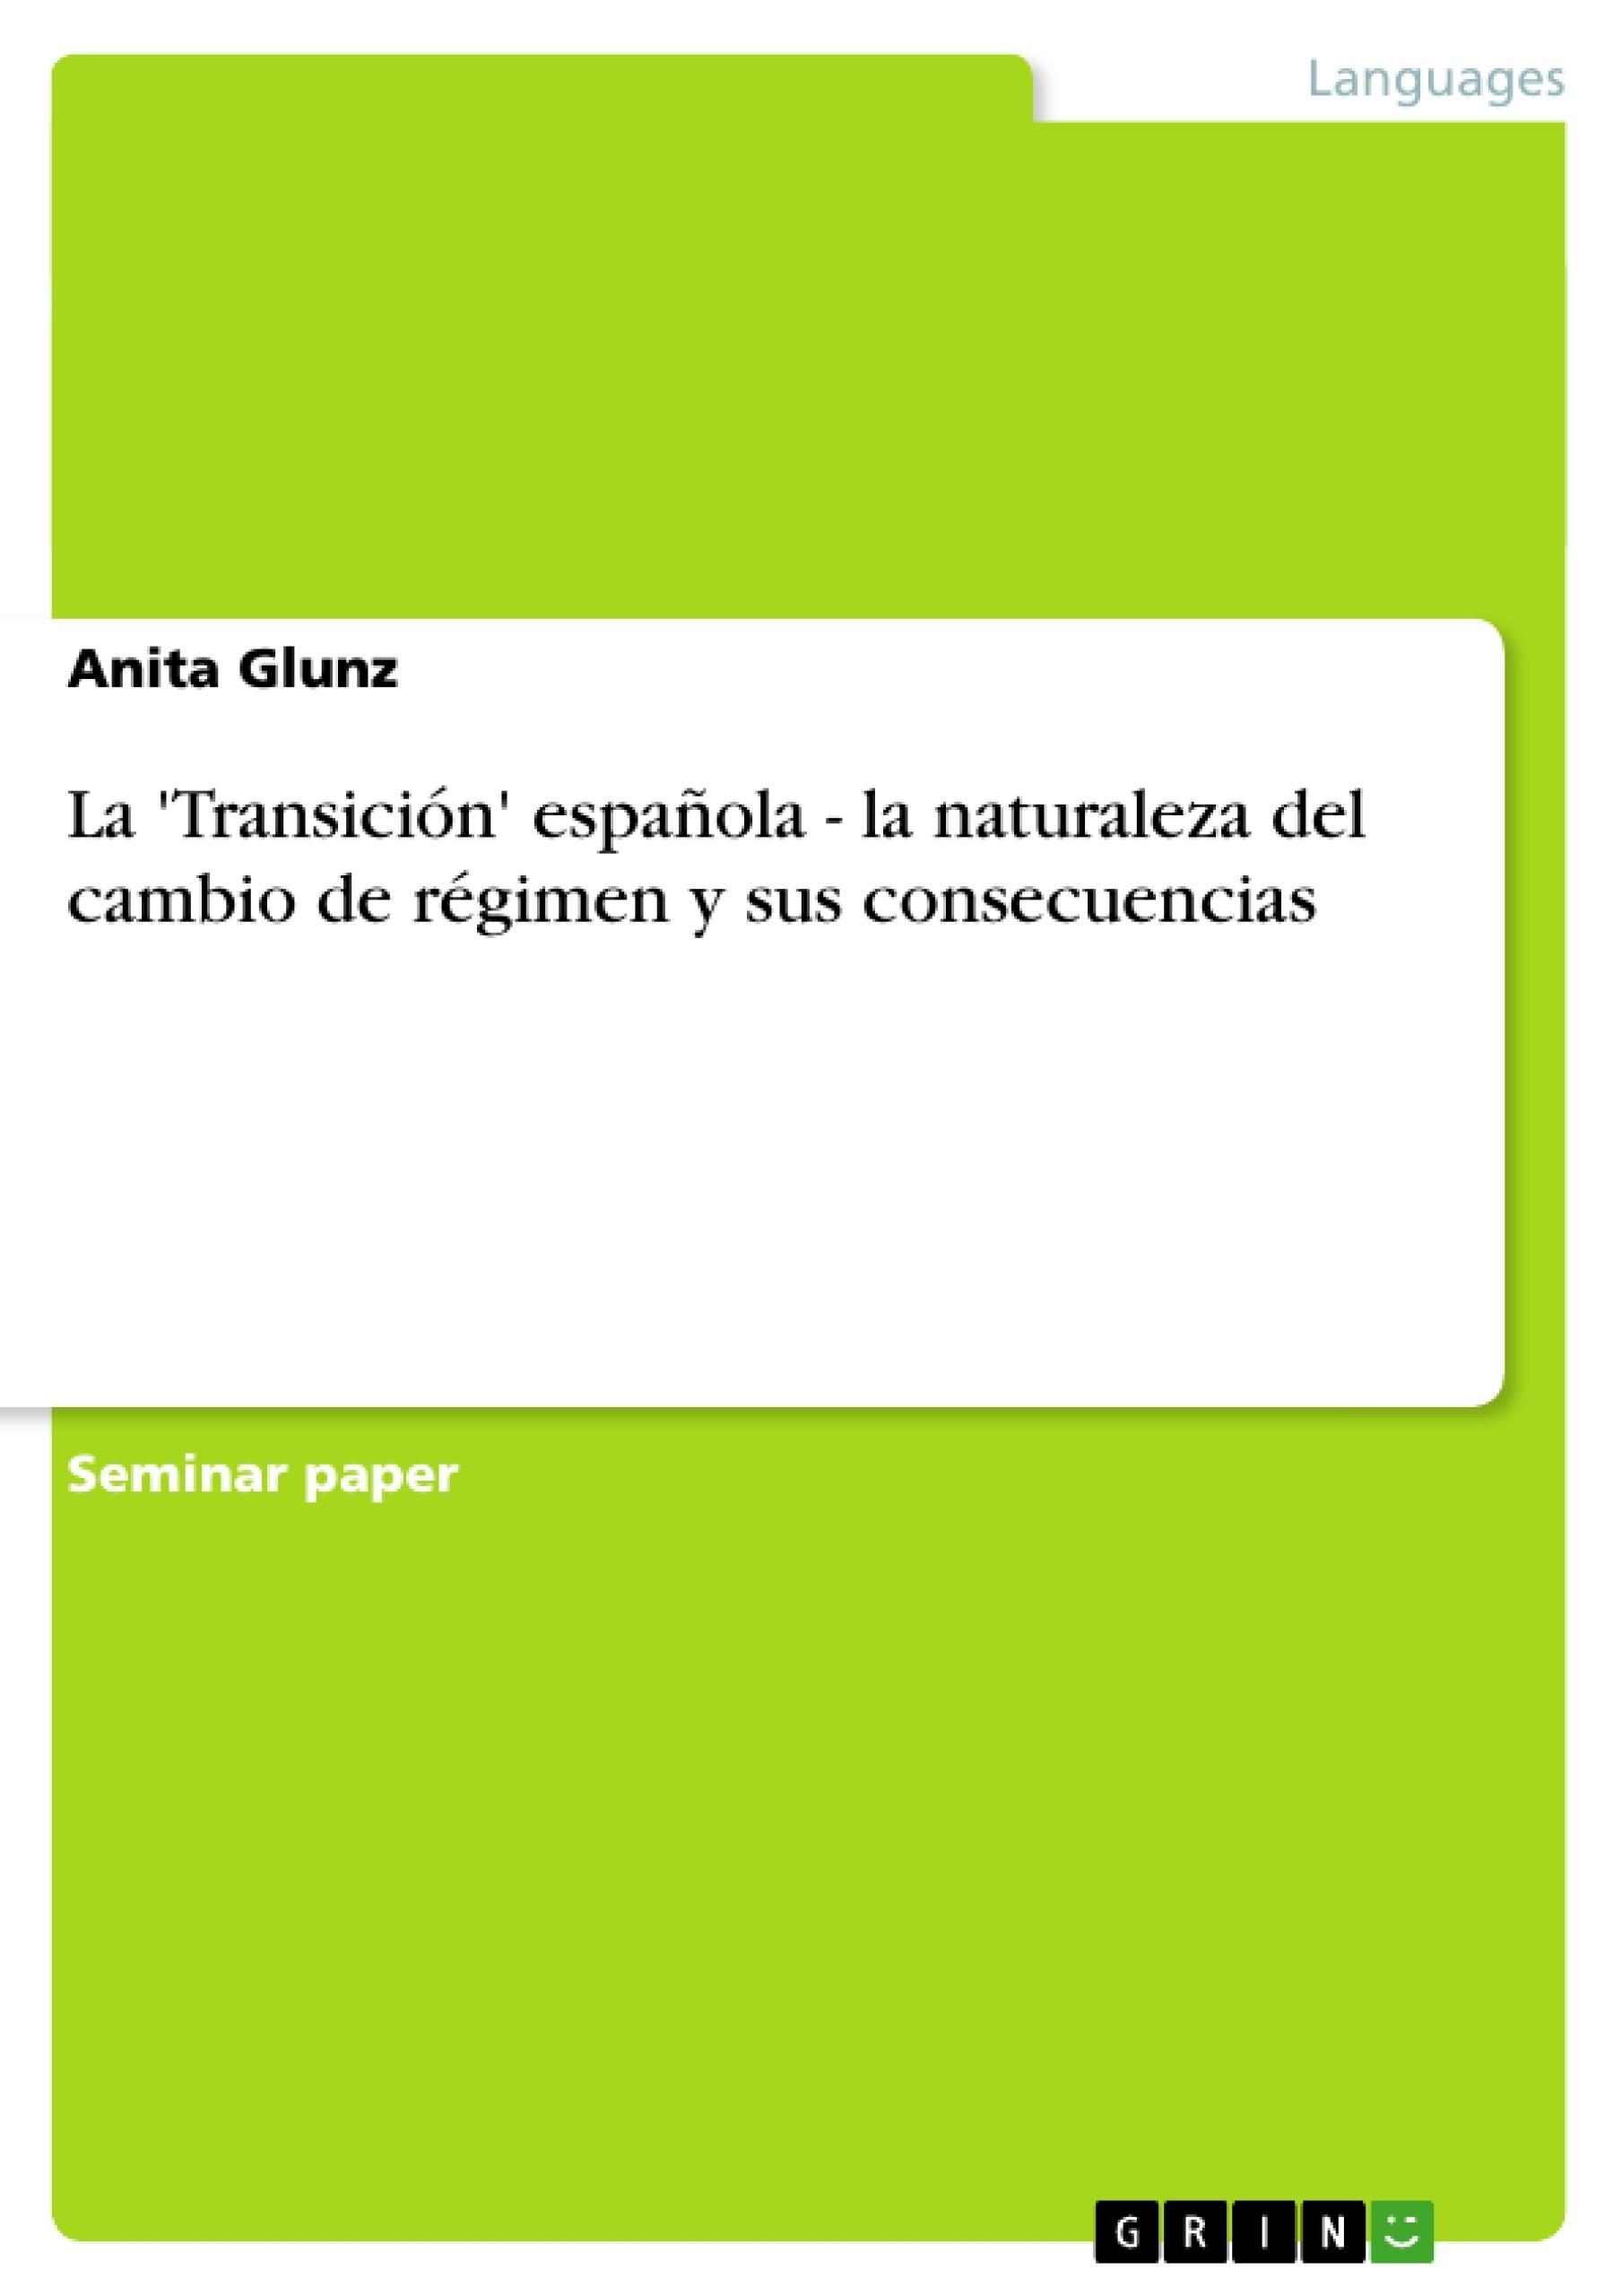 Título: La 'Transición' española - la naturaleza del cambio de régimen y sus consecuencias